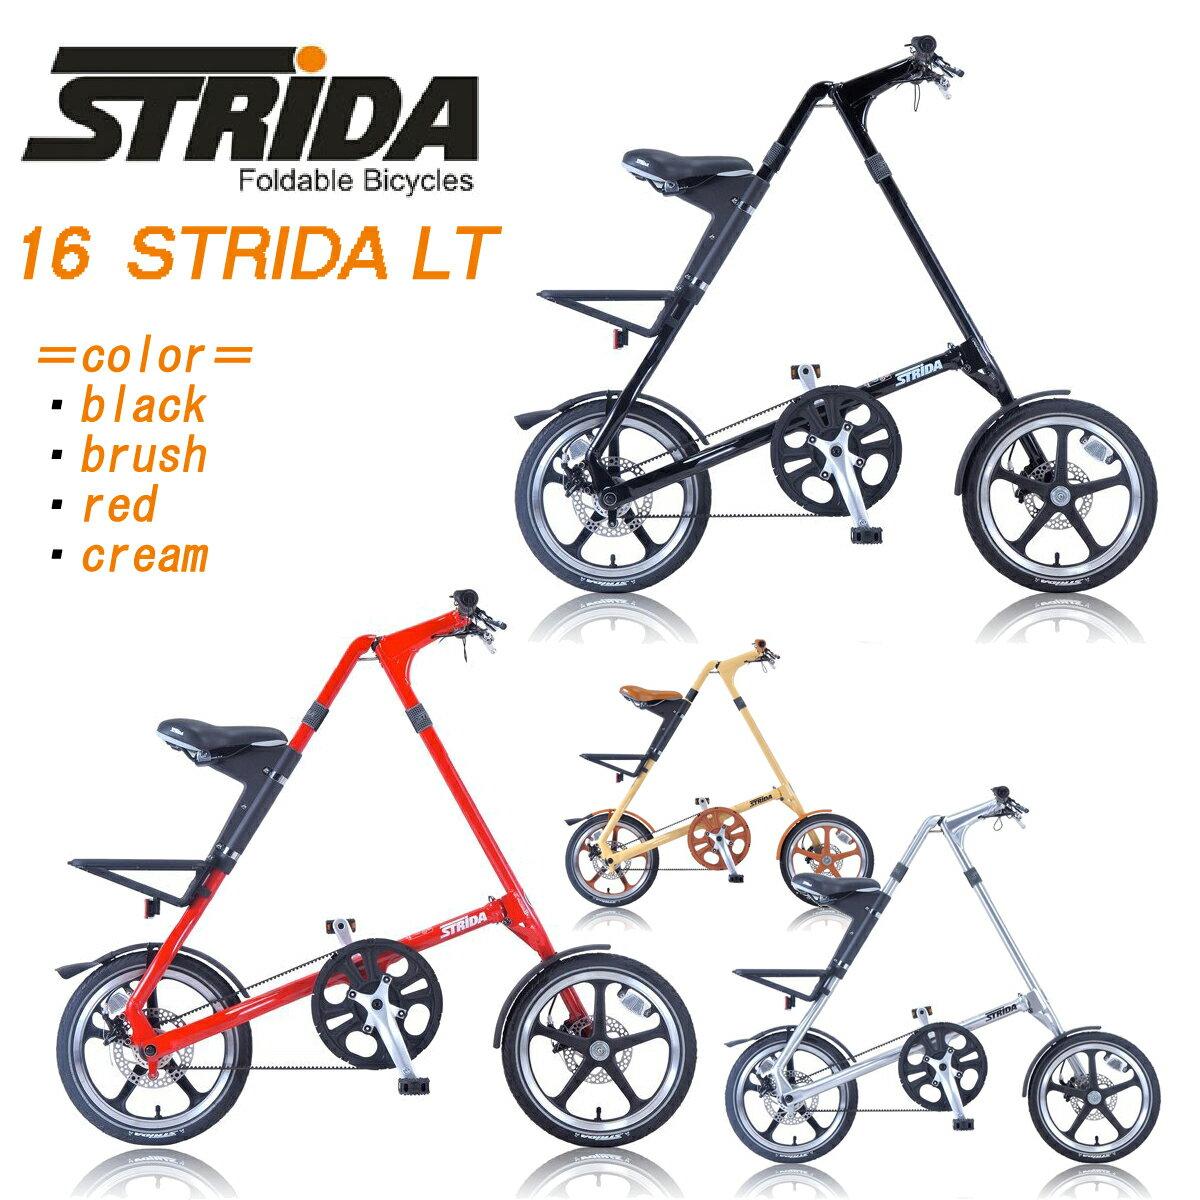 STRIDA(ストライダ) 16インチ折りたたみ自転車 シングルスピード アルミフレーム 前後ディスクブレーキ STRIDA LT